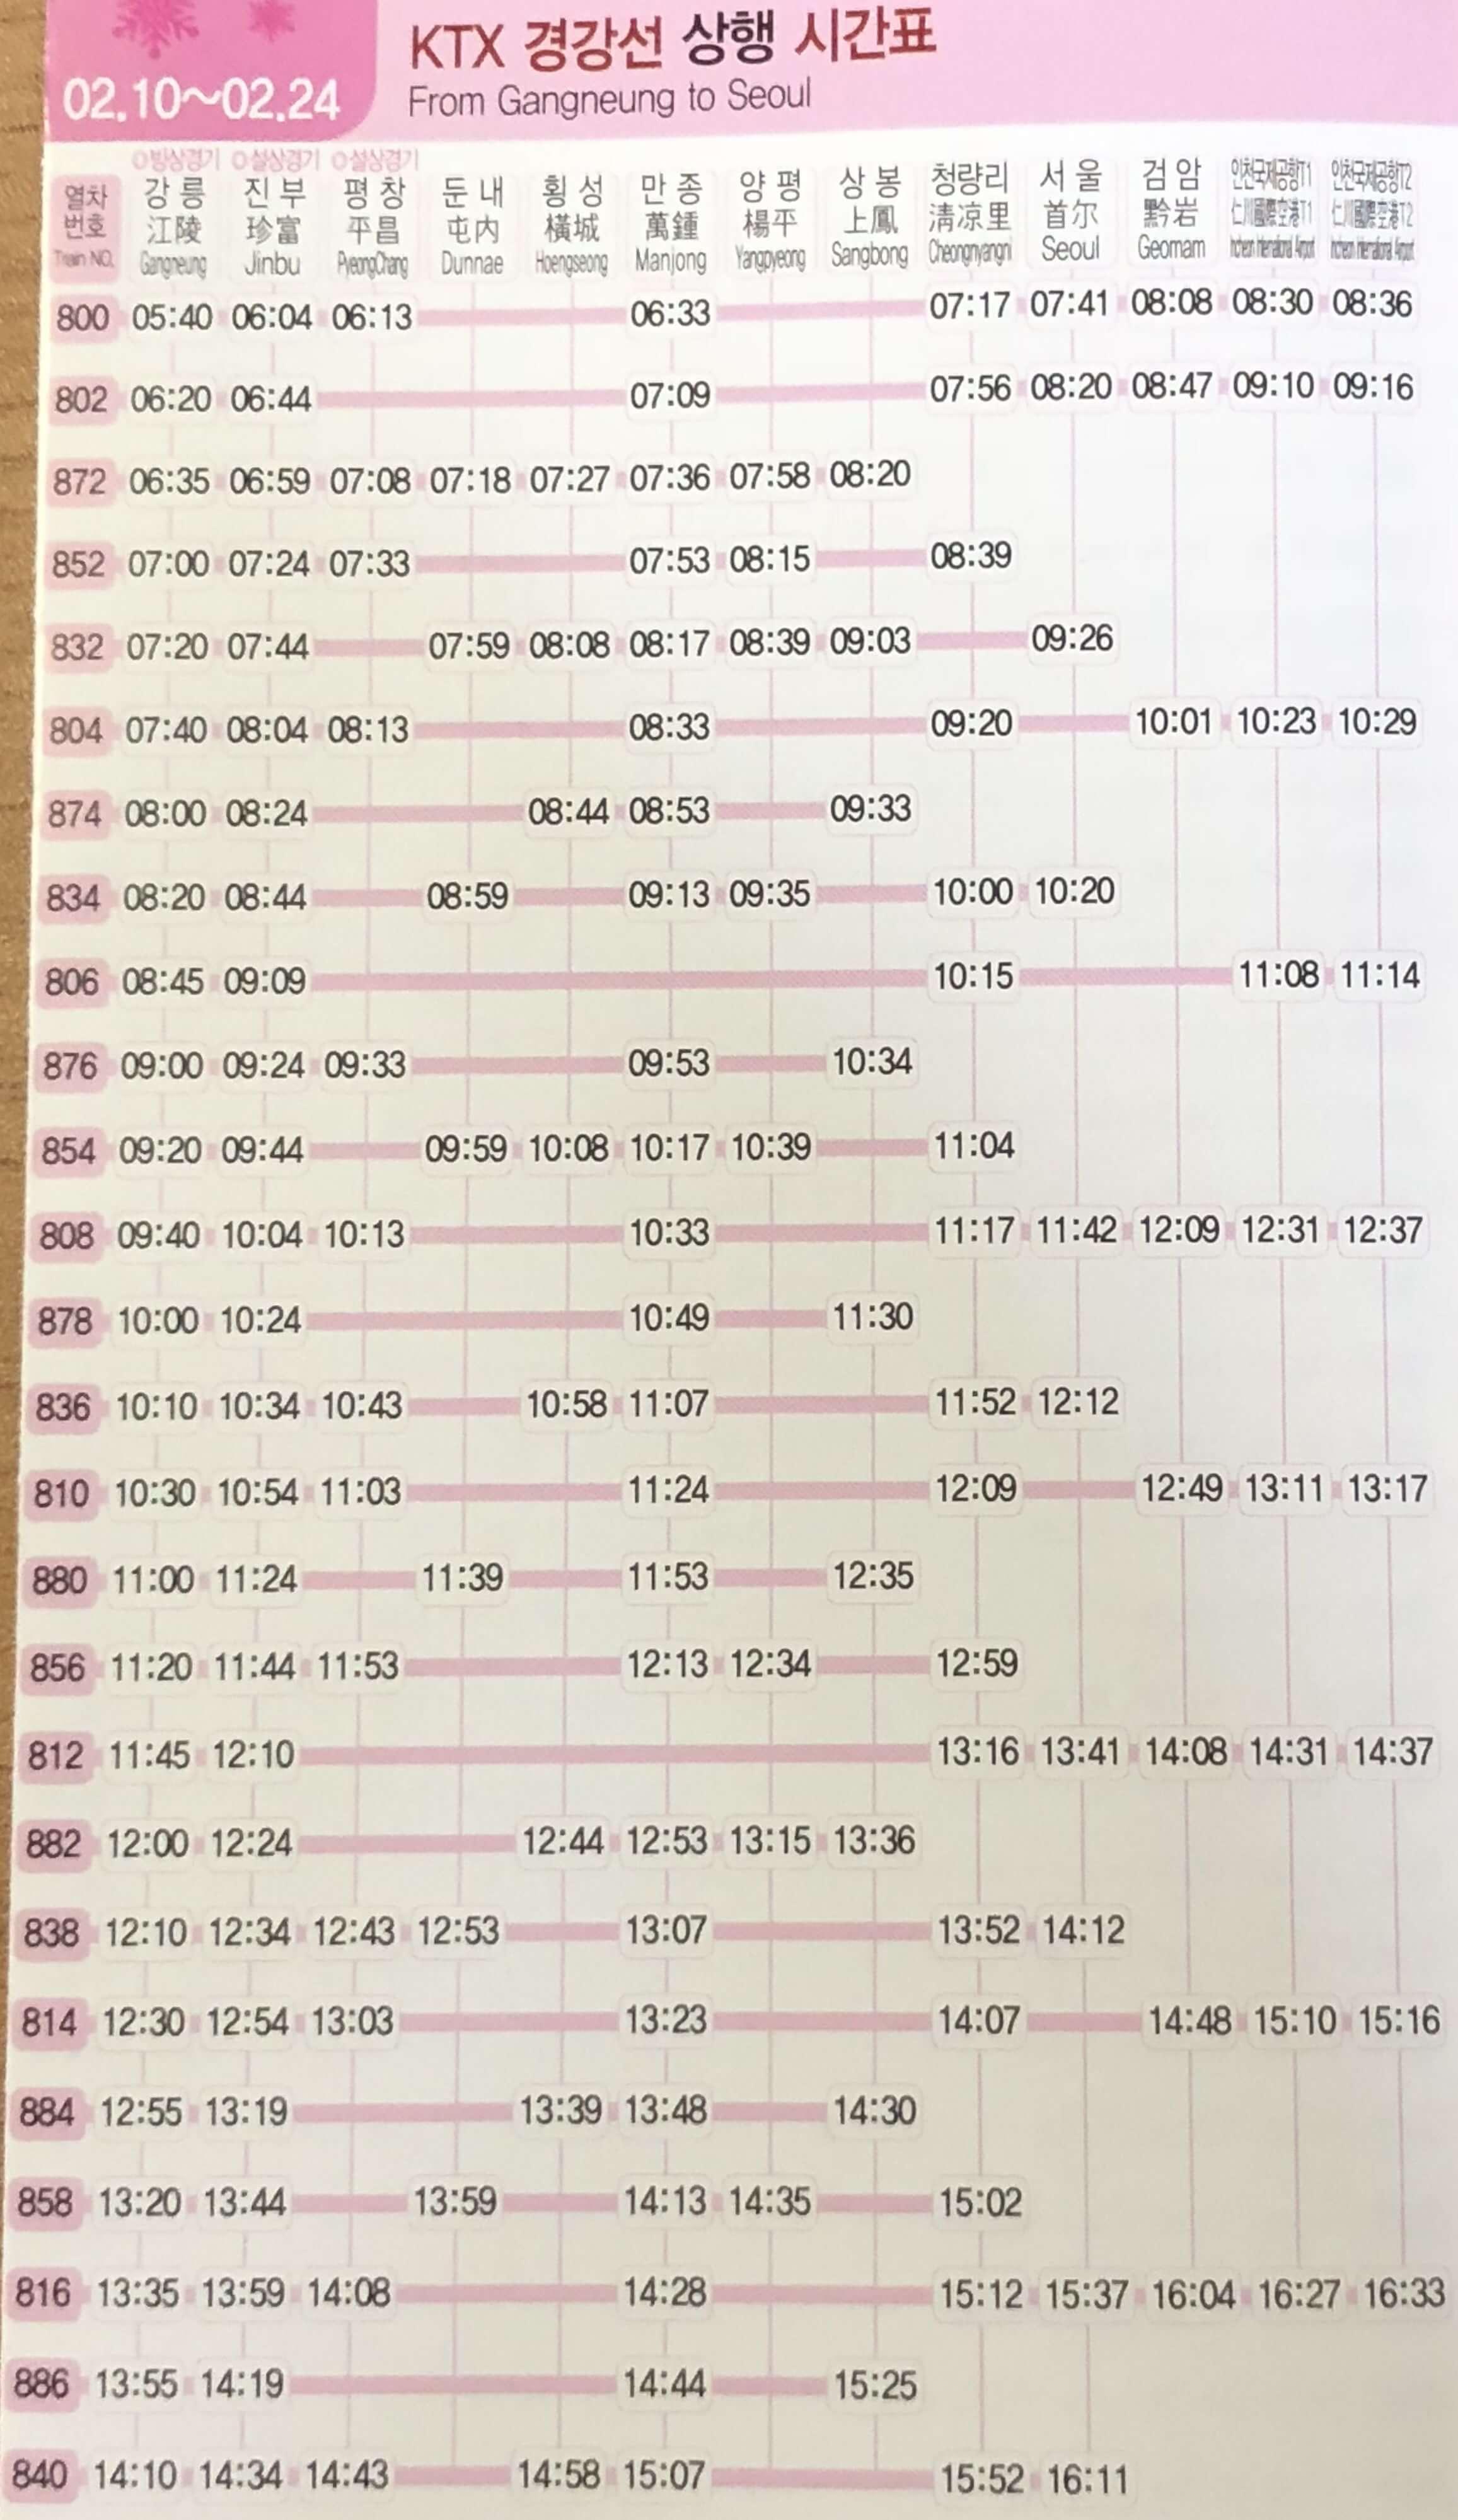 江陵(カンヌン)からソウルのKTXの時刻表(2月10日~2月24日)1